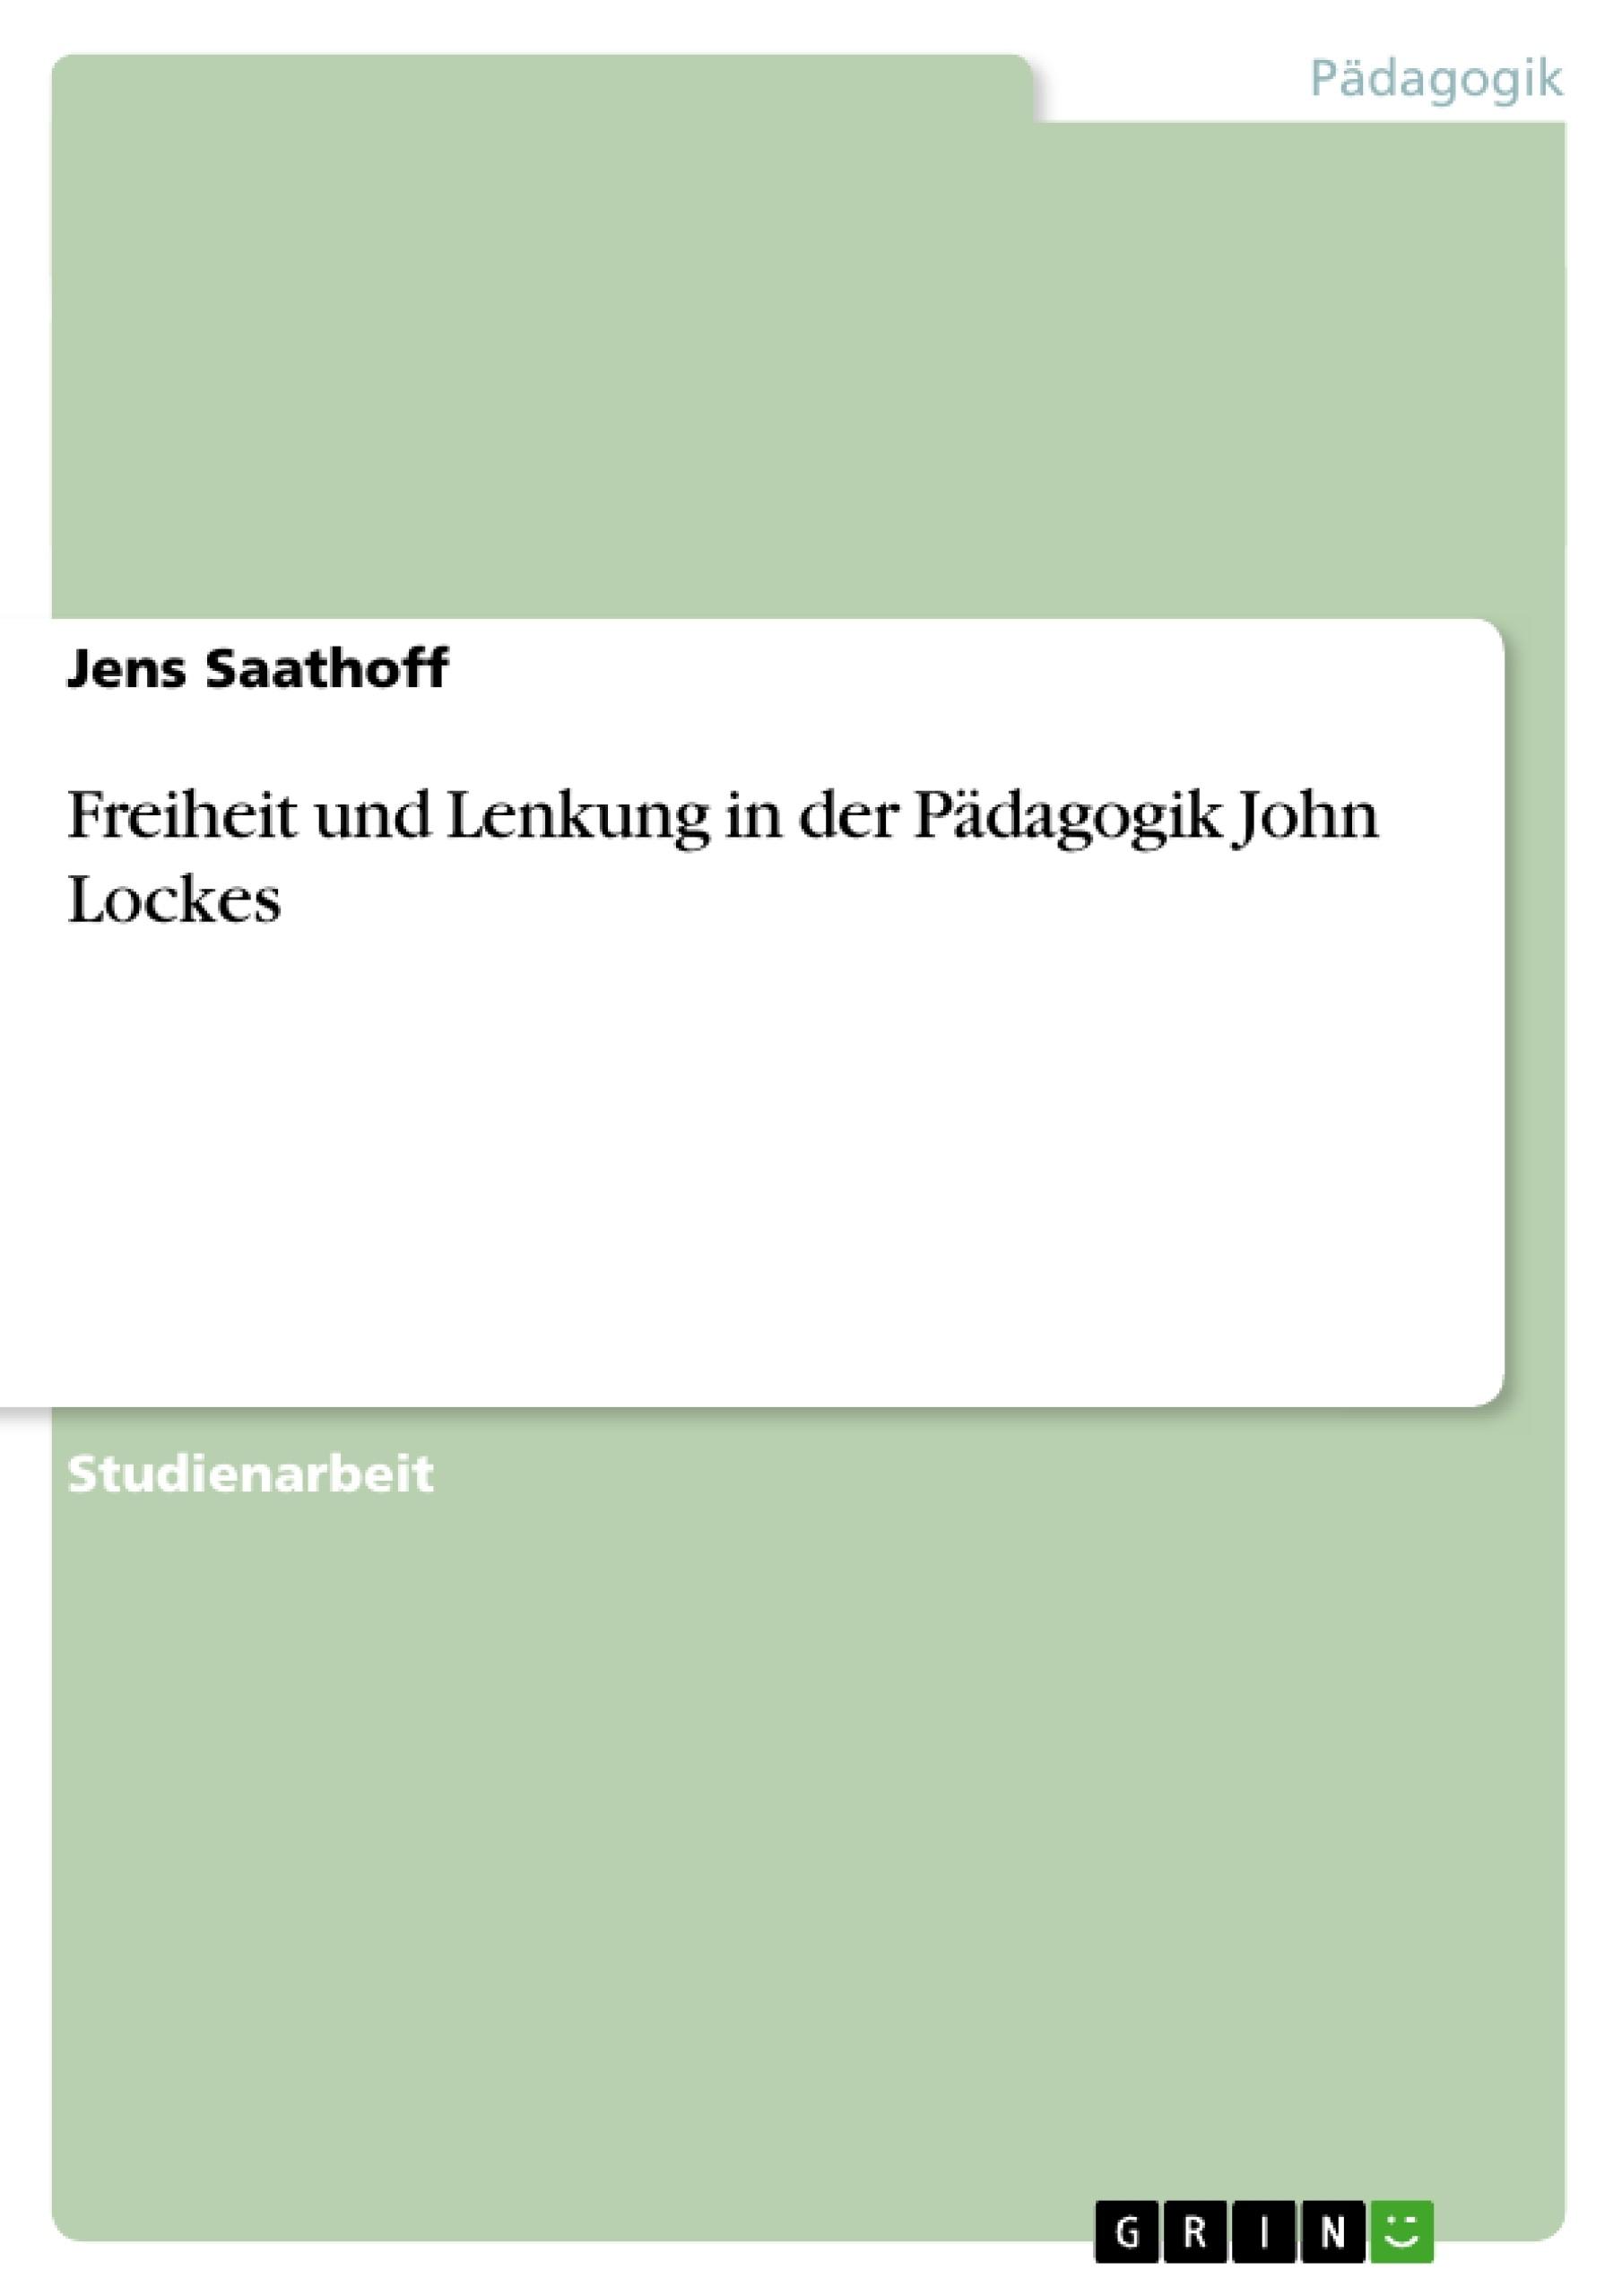 Titel: Freiheit und Lenkung in der Pädagogik John Lockes